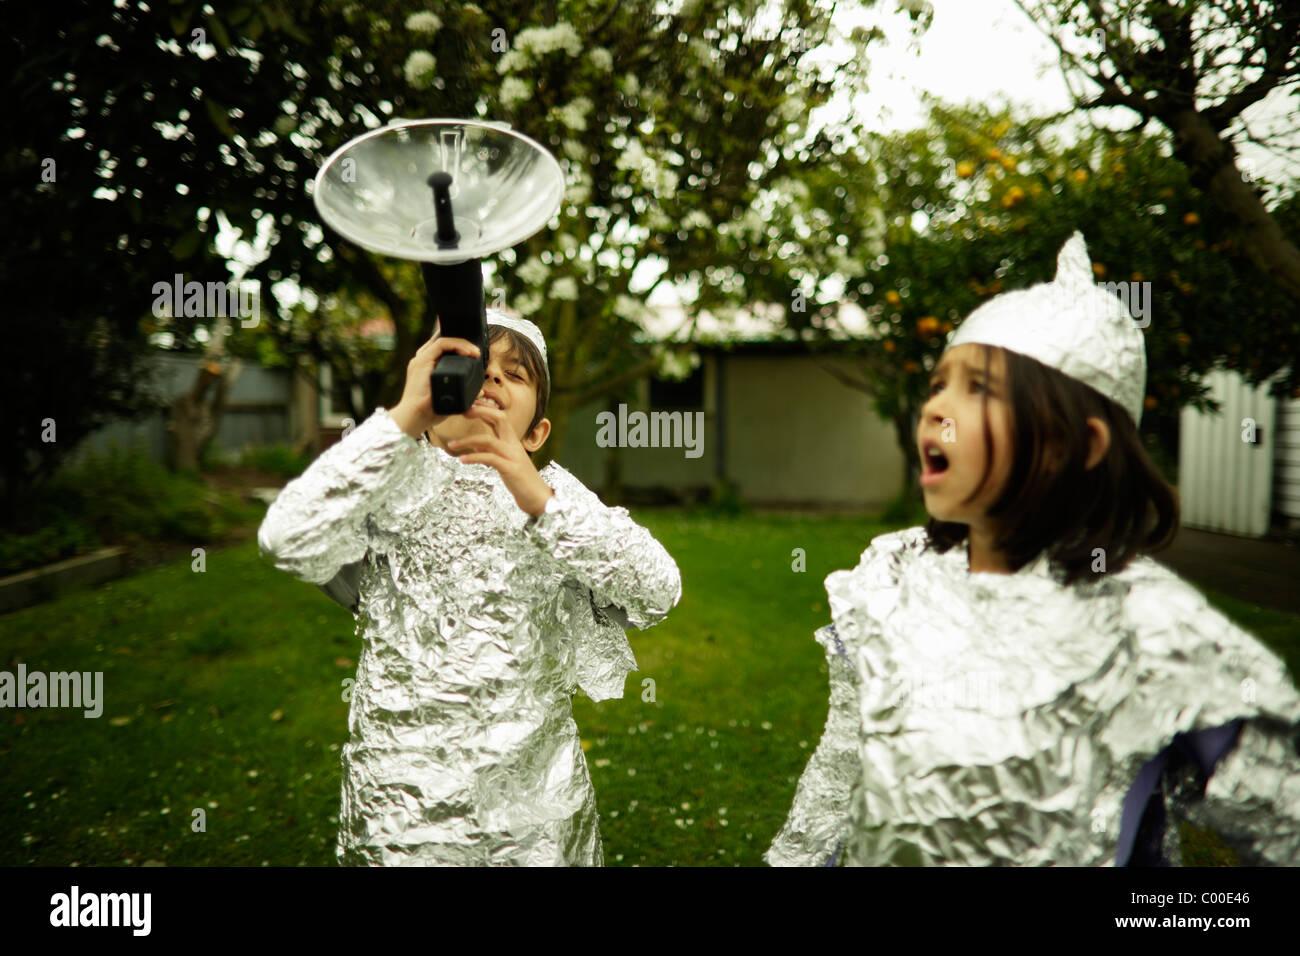 Los niños usan bicarbonato de lámina protectora mientras se ve ante una posible invasión extraterrestre. Imagen De Stock